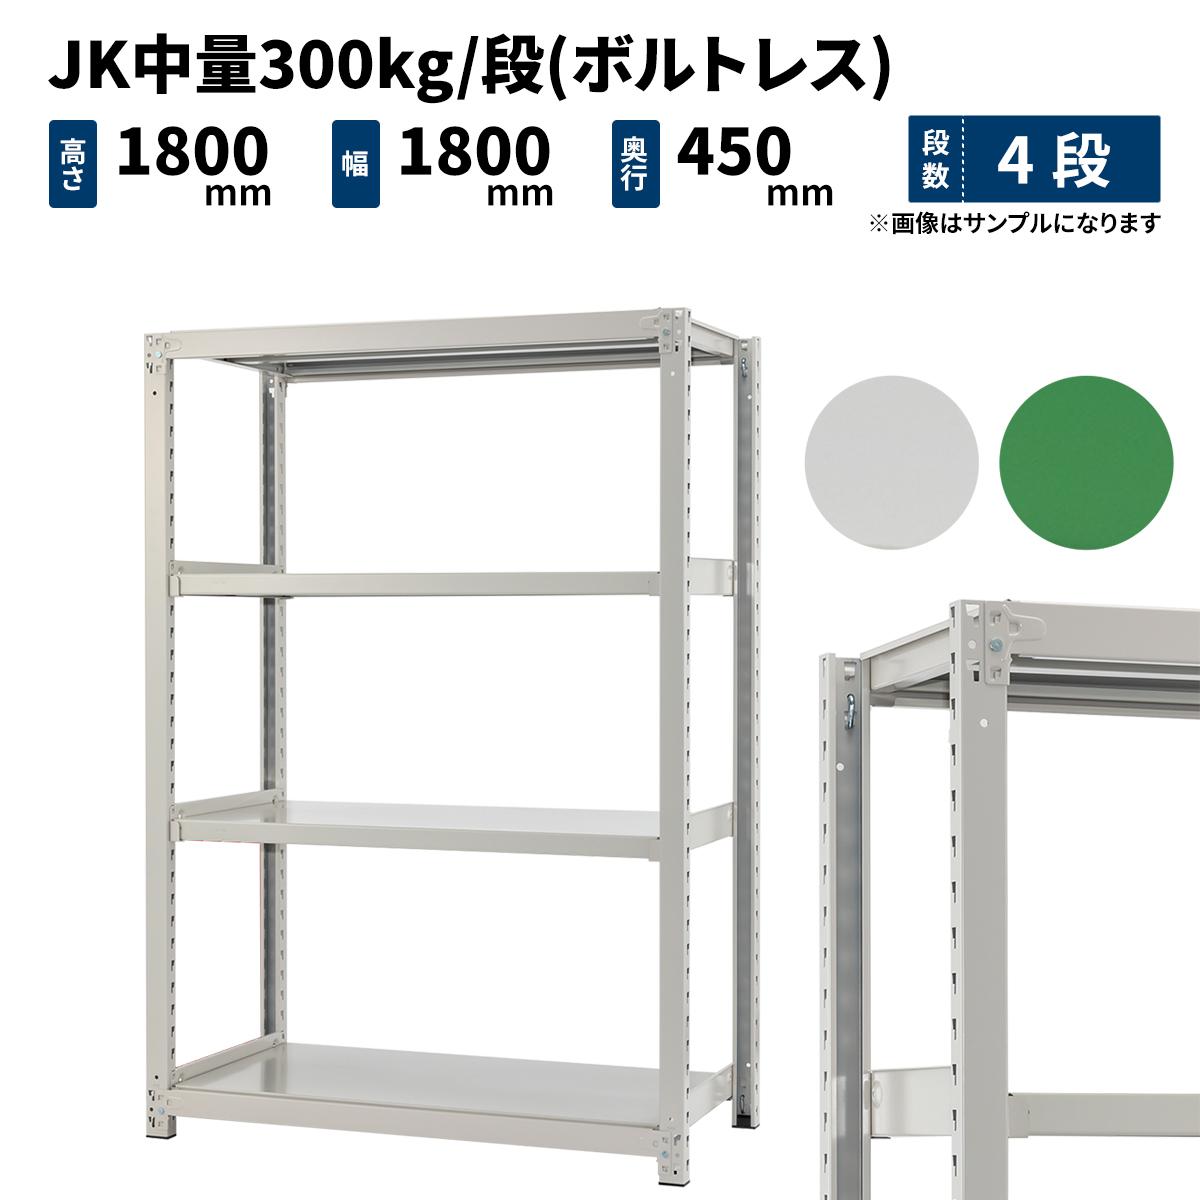 スチールラック 業務用 JK中量300kg/段(ボルトレス) 単体形式 高さ1800×幅1800×奥行450mm 4段 ホワイトグレー/グリーン (70kg) JK300_T-181845-4